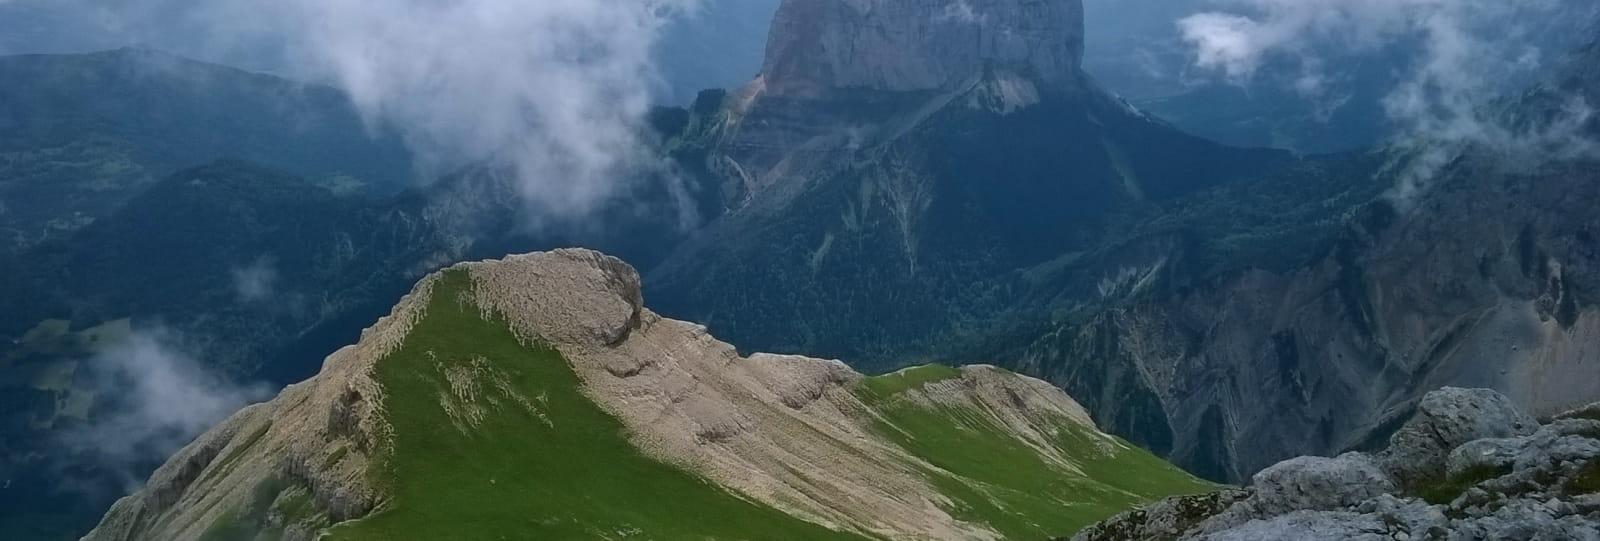 Christophe Pelet - Accompagnateur en montagne